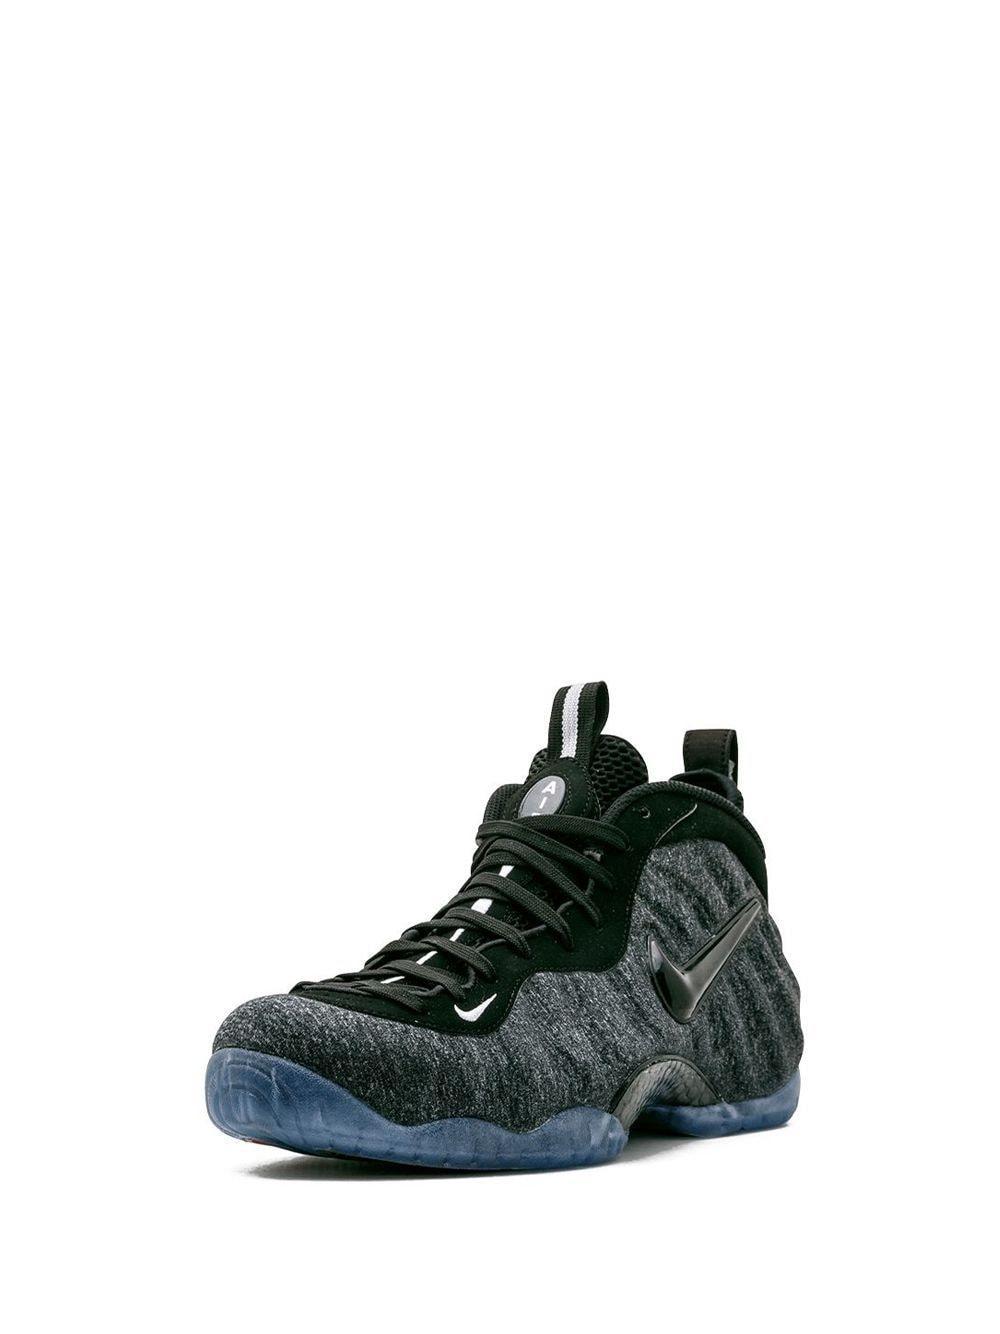 Zapatillas Air Foamposite Nike de Caucho de color Negro para hombre